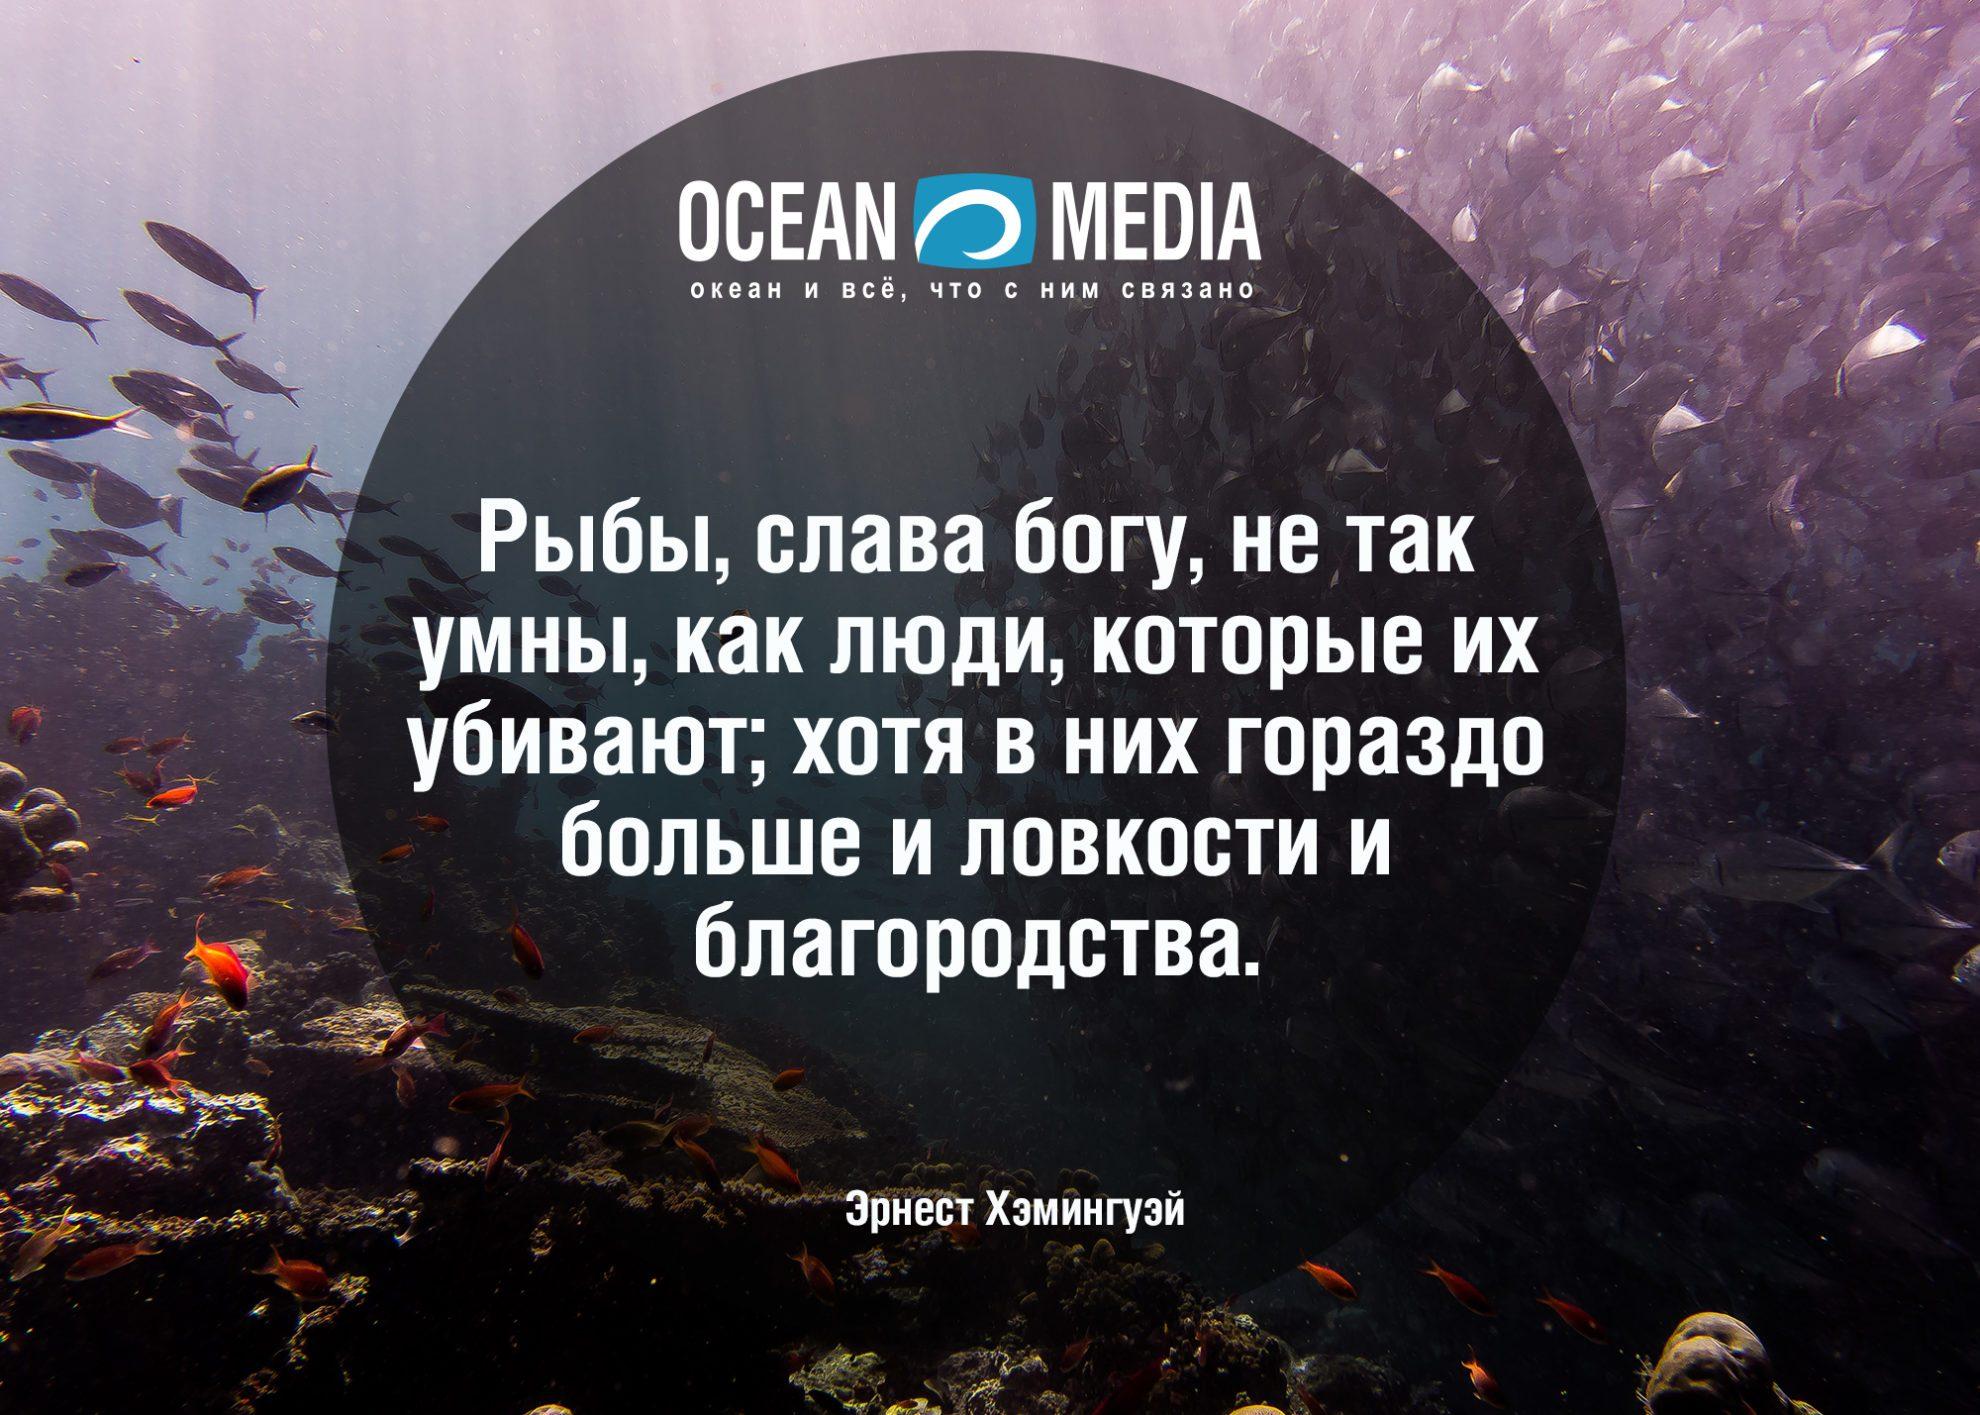 Цитаты про рыб